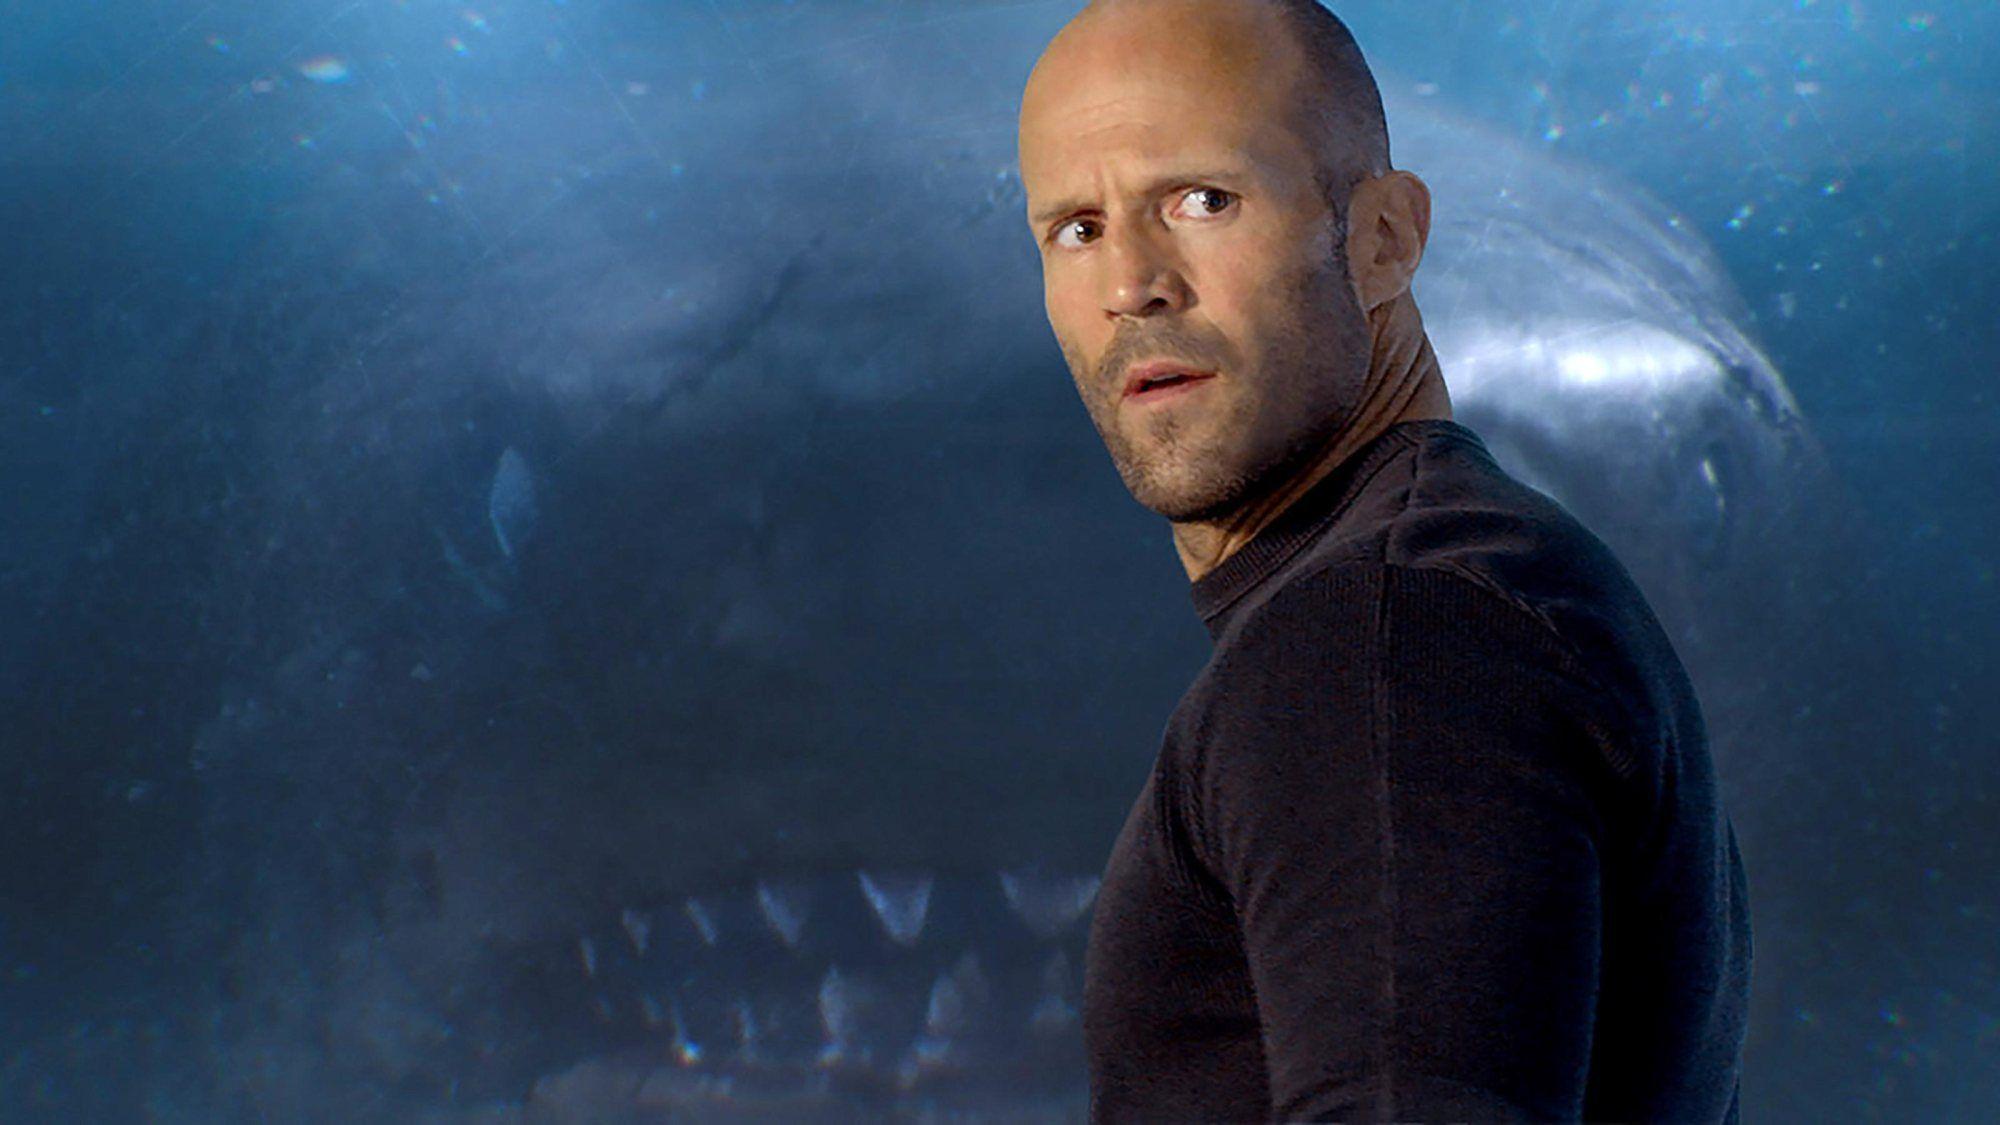 Jason Statham Kriegts Im Trailer Zu The Meg Mit Einem Mega Hai Zu Tun Hypesrus Com Jason Statham Jason Statham Filme Filme Sehen